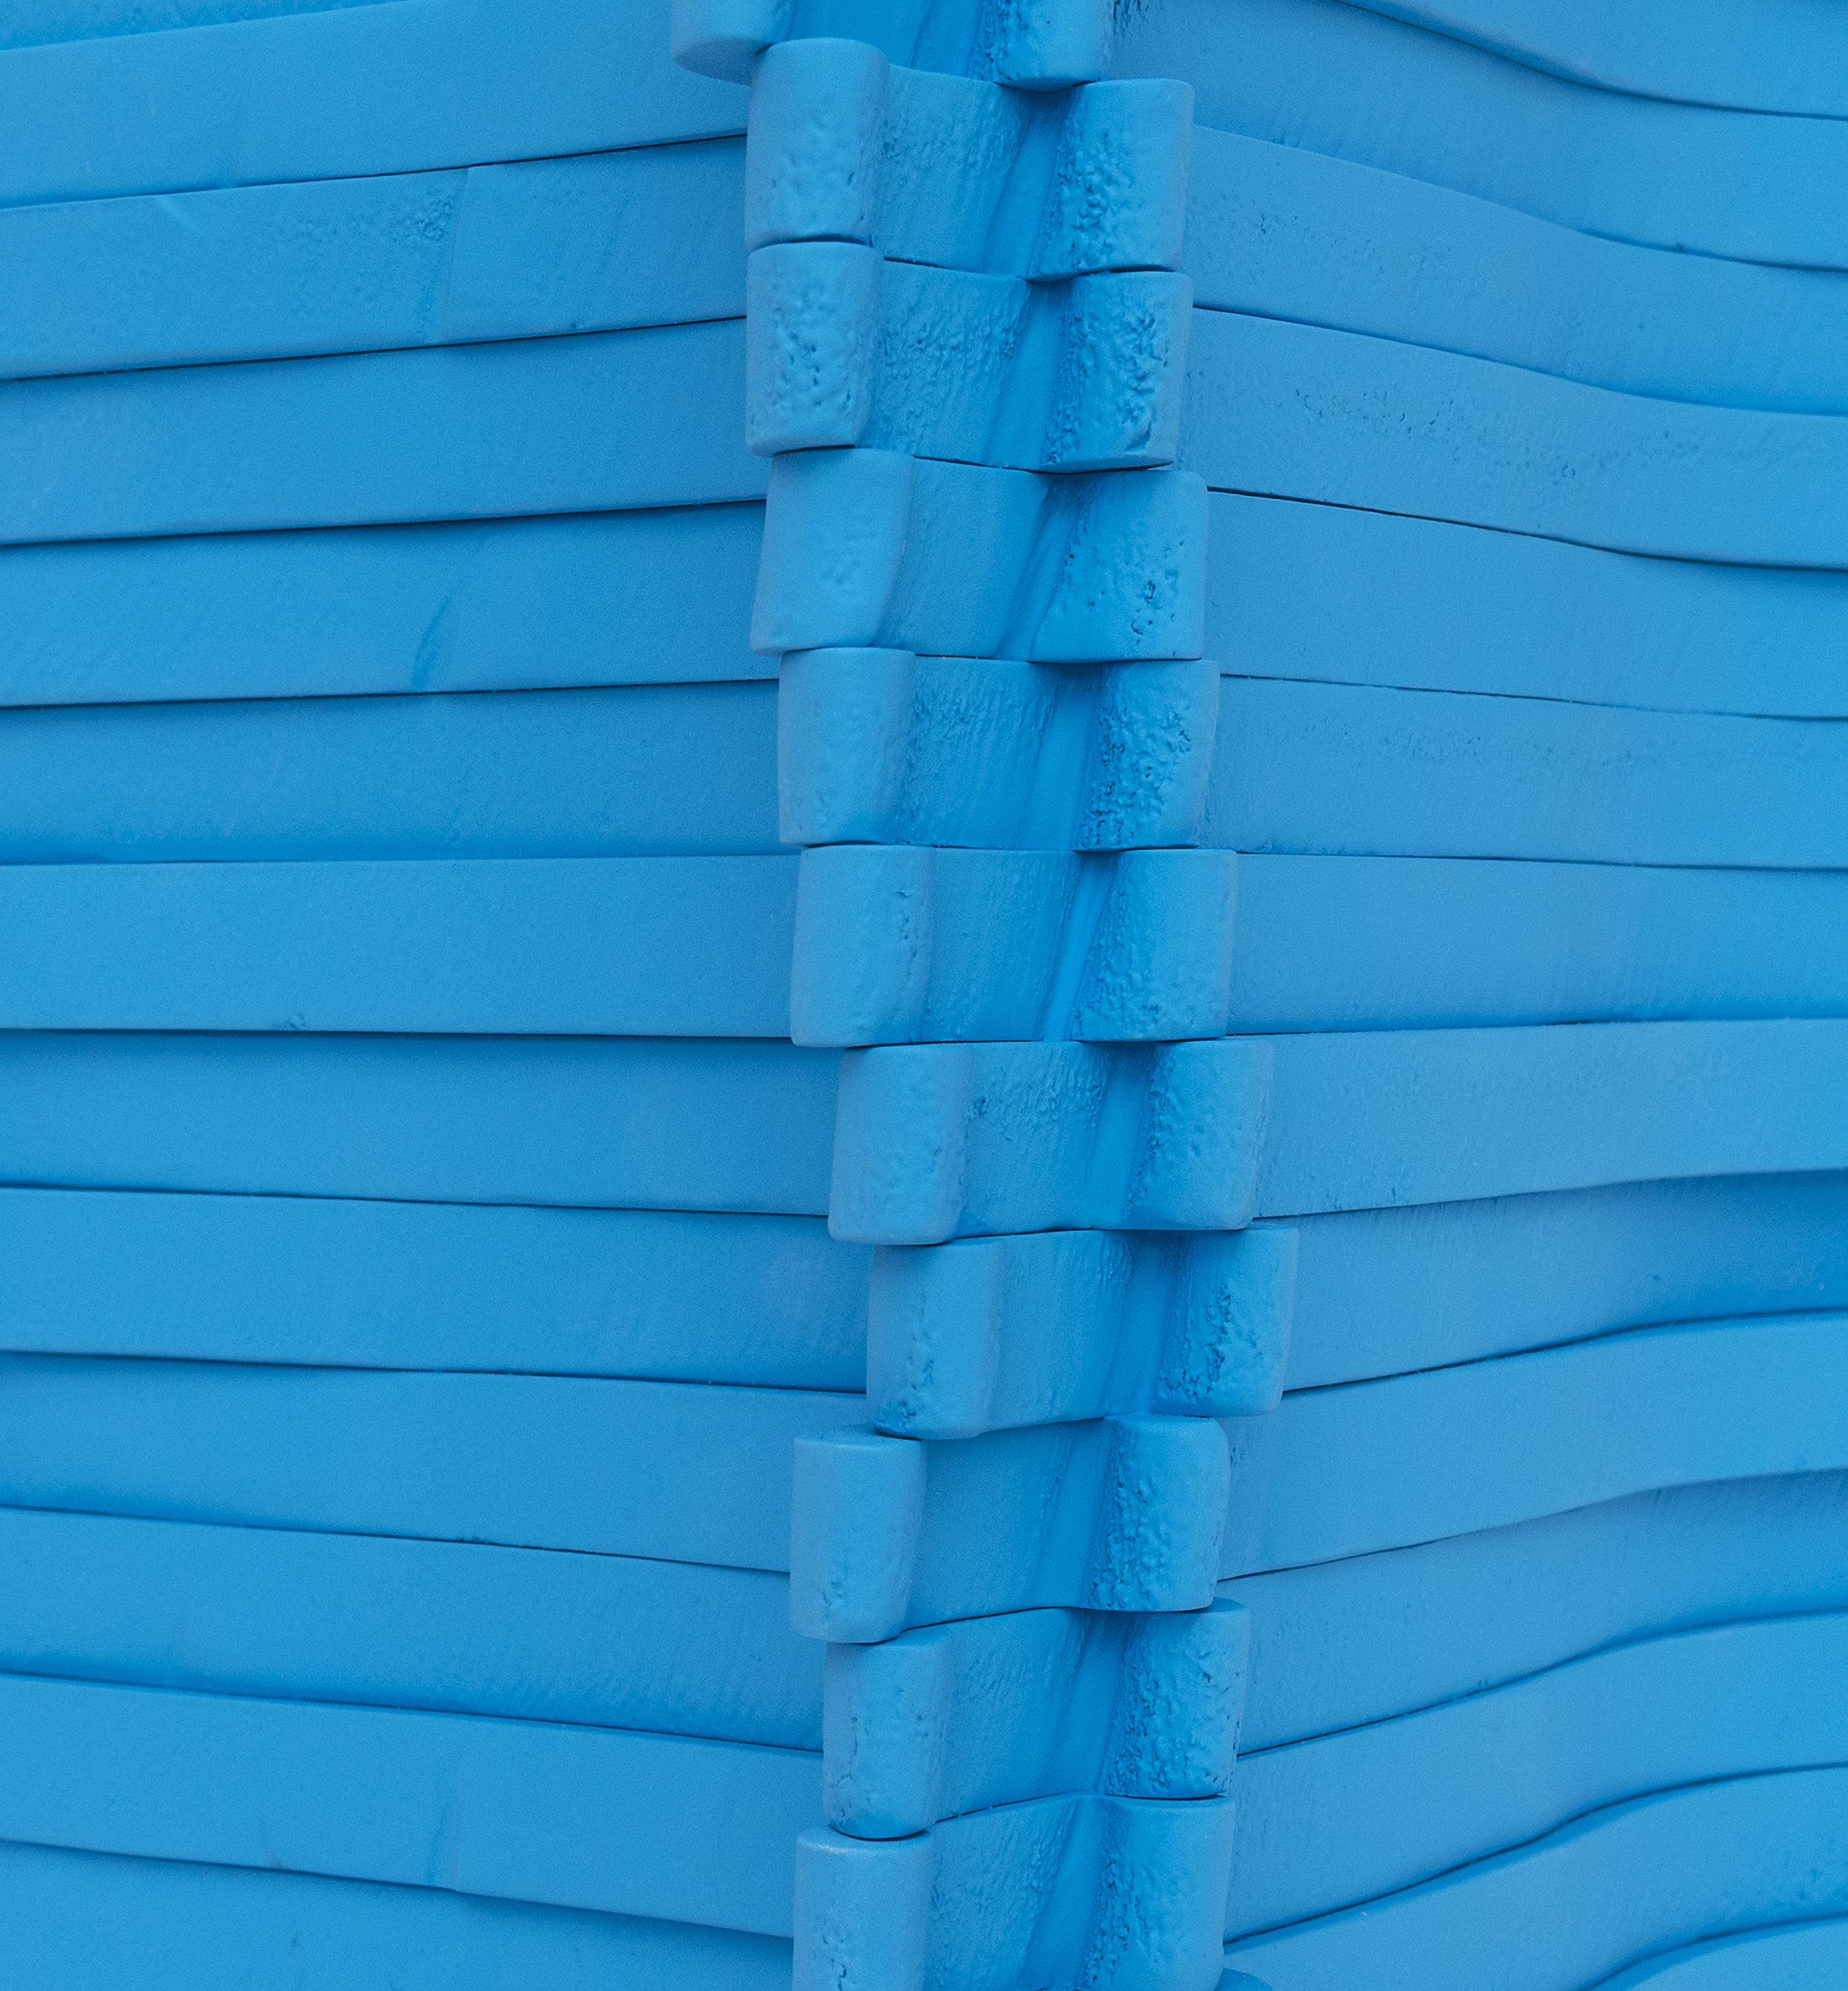 John-Corbett-Artist-Blue-Stack-Art-5.jpg